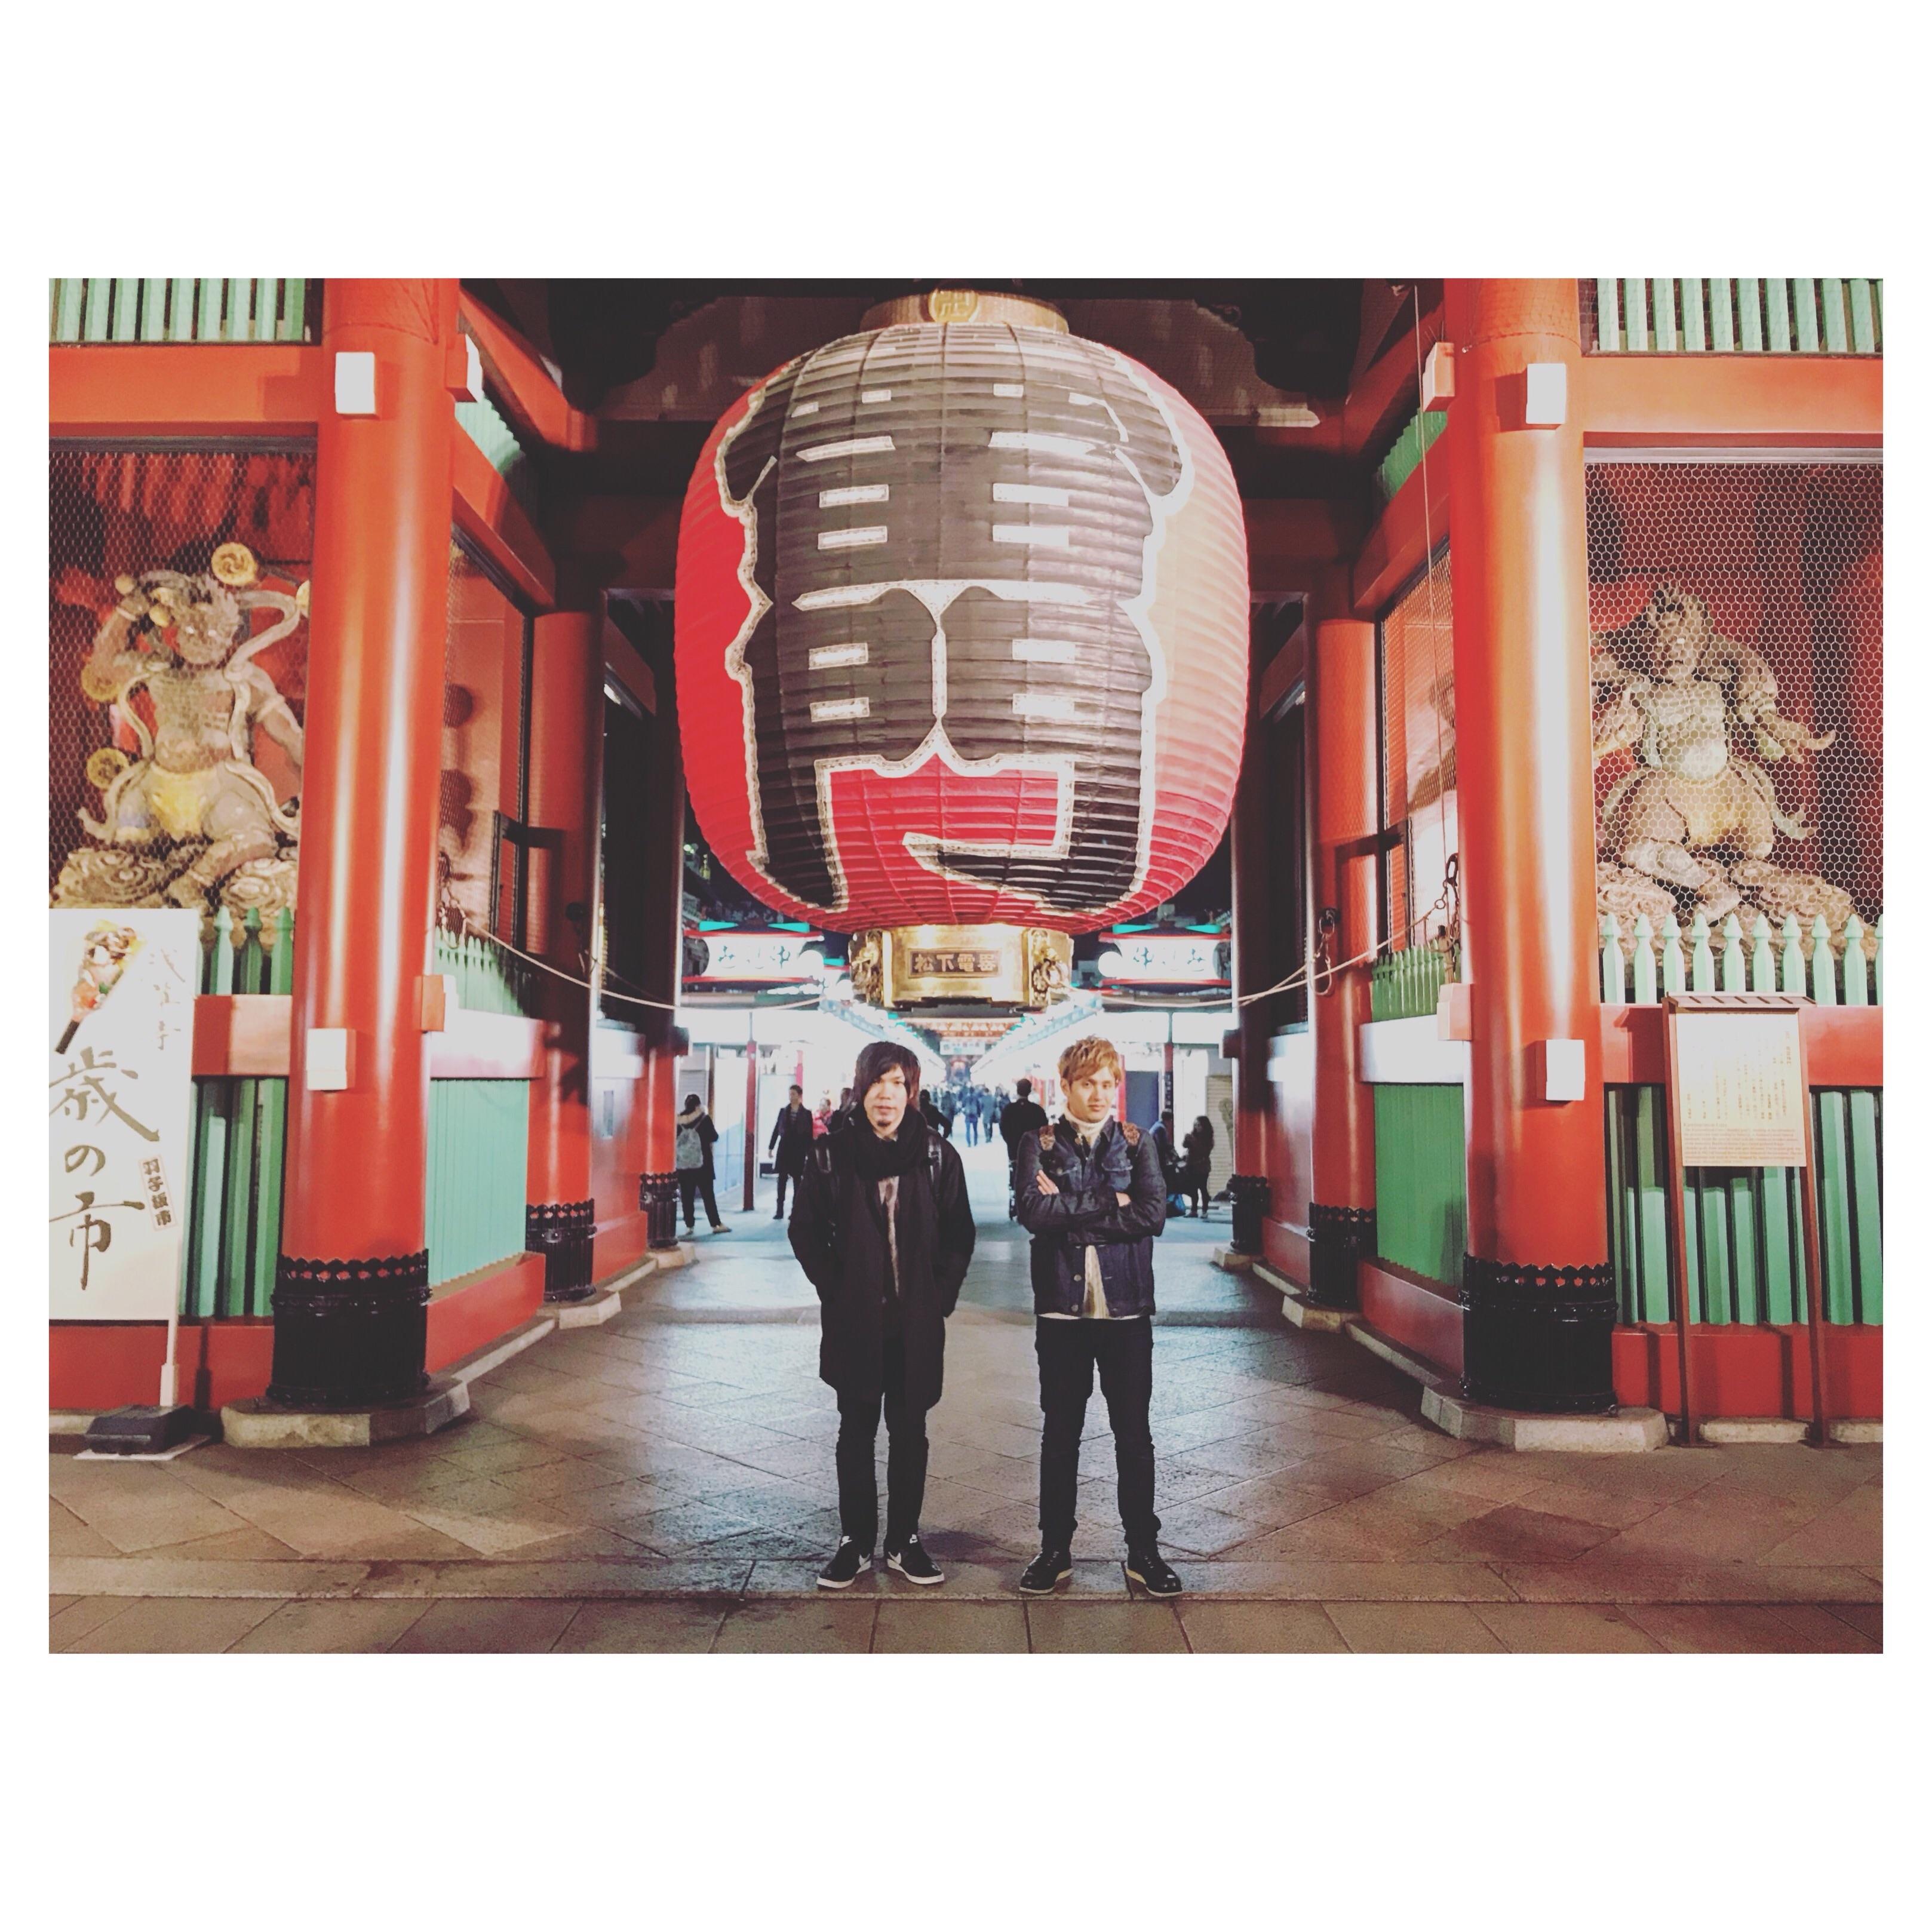 f:id:Yosuke0912:20171130153521j:image